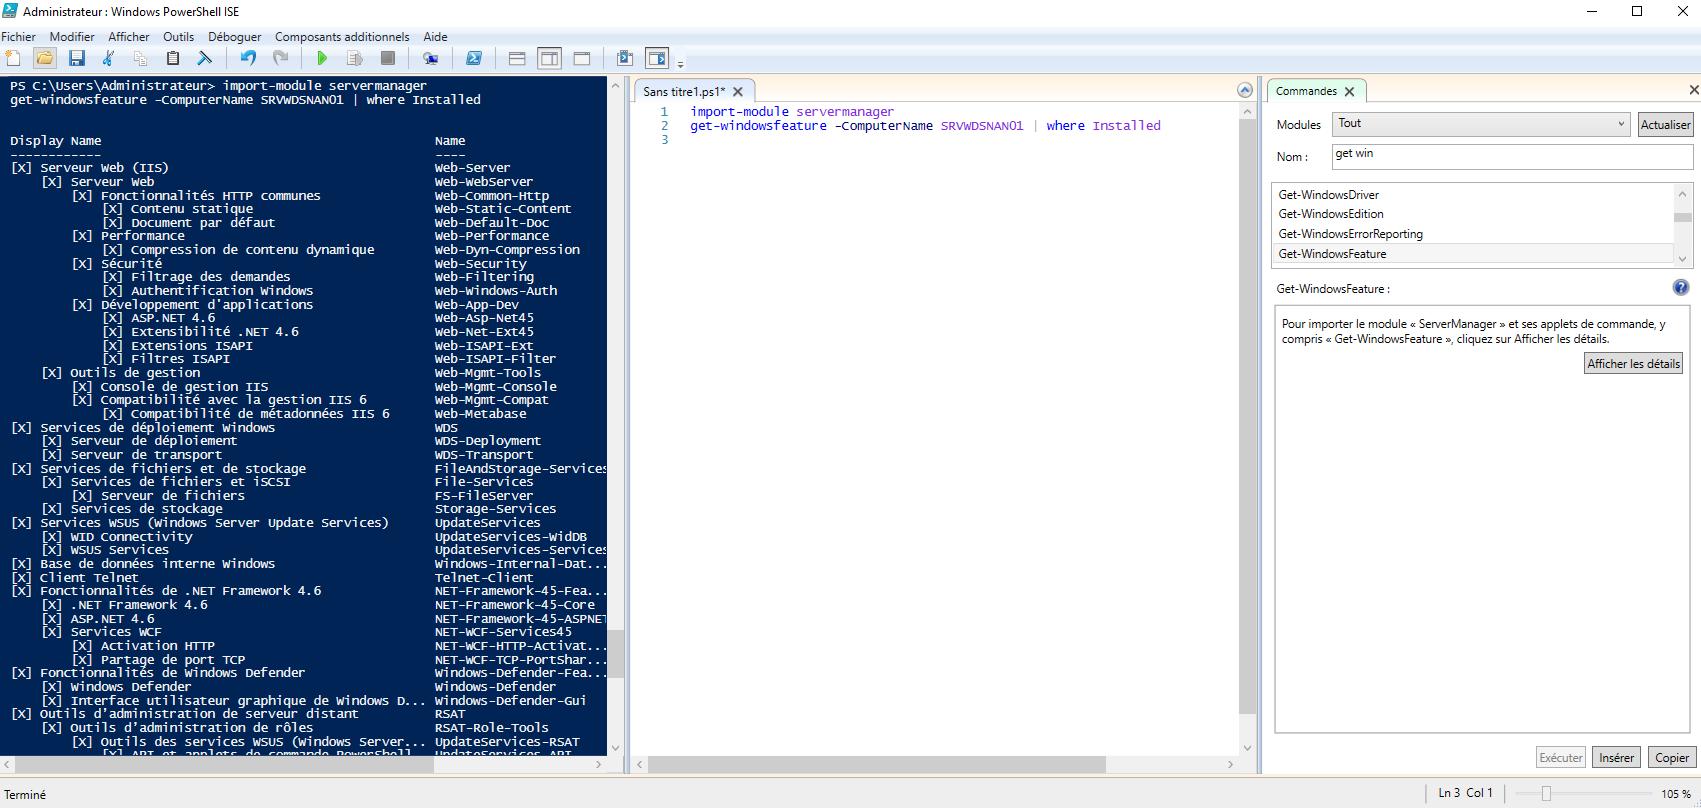 Affichage des fonctionnalités installées sur le serveur SRVWDSNAN01